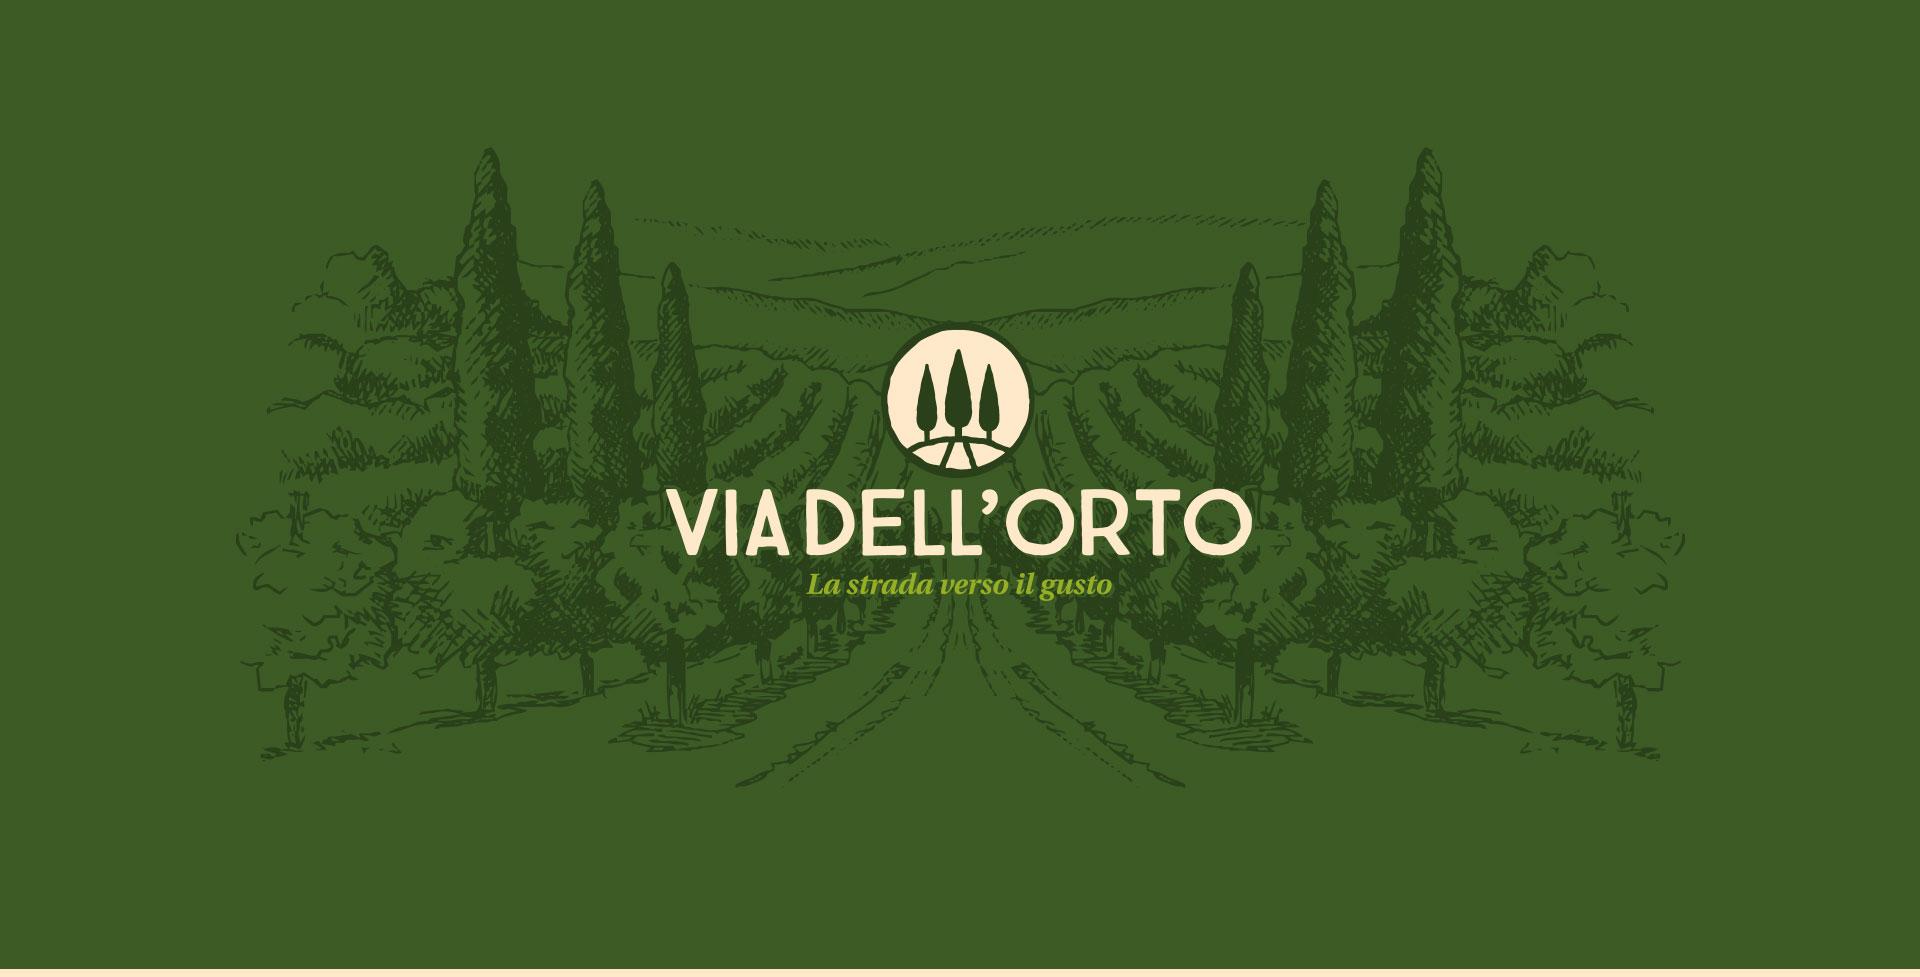 viadellorto-logo-016studio